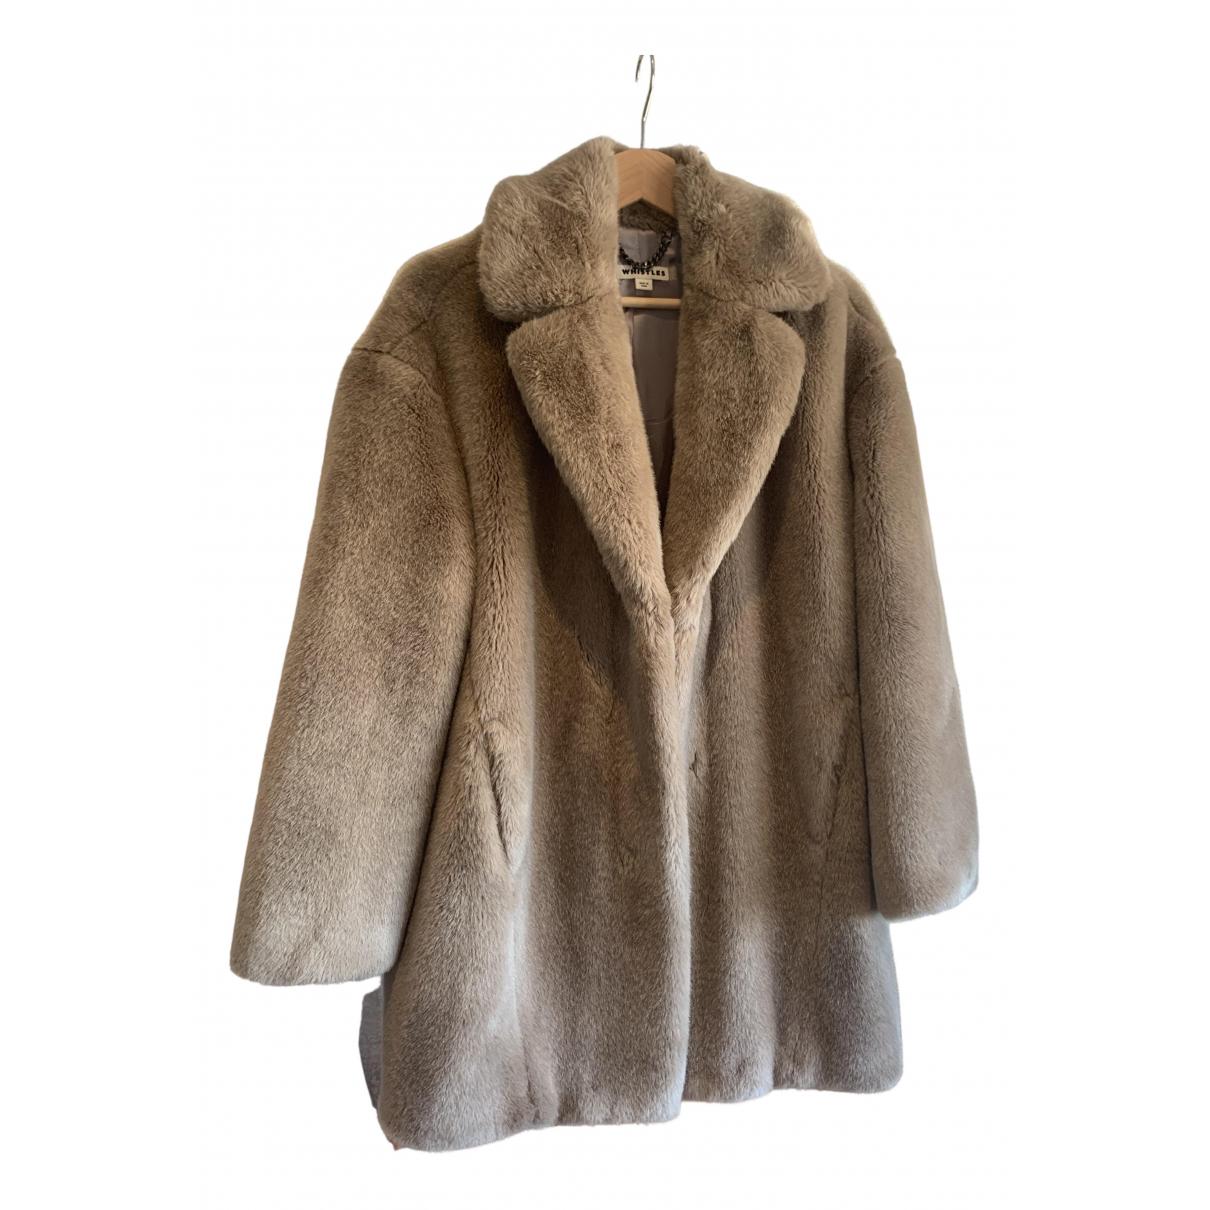 Whistles - Manteau   pour femme en fourrure synthetique - gris